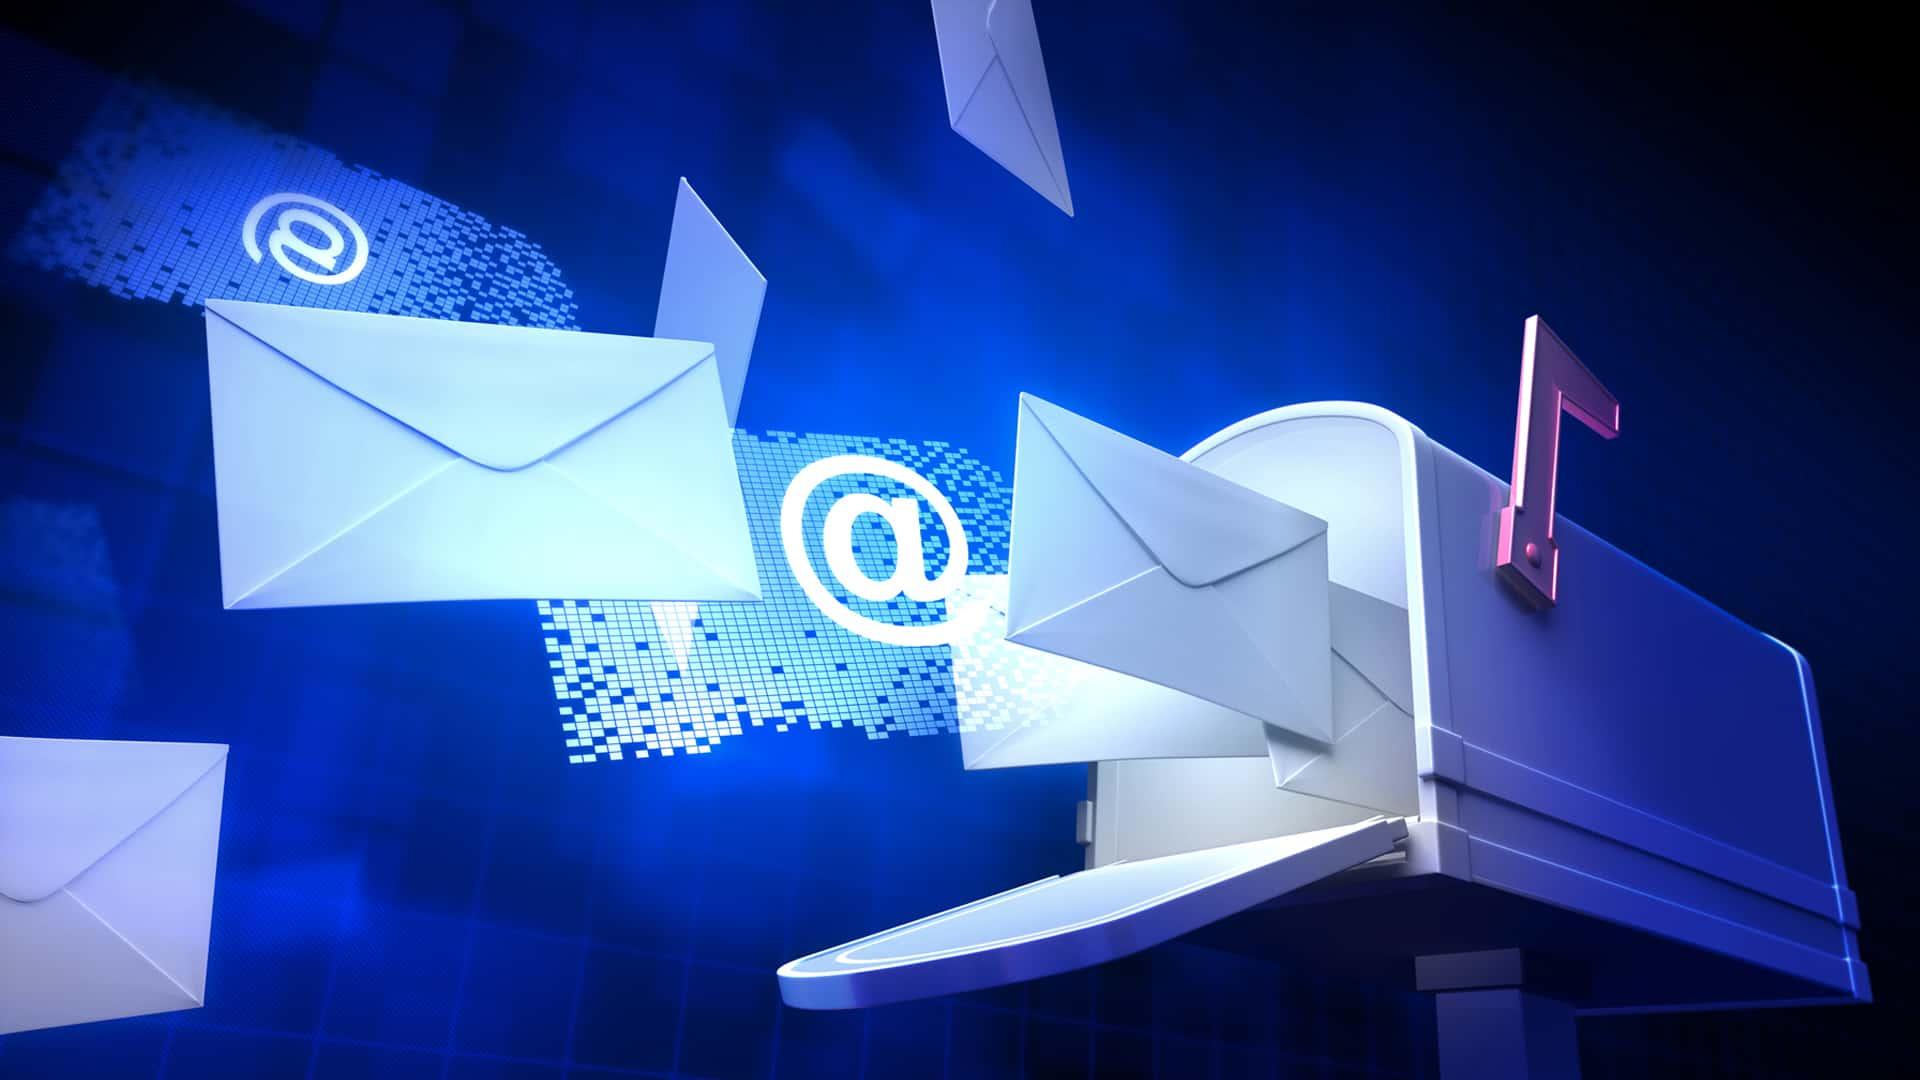 BG email marketing  BG email marketing